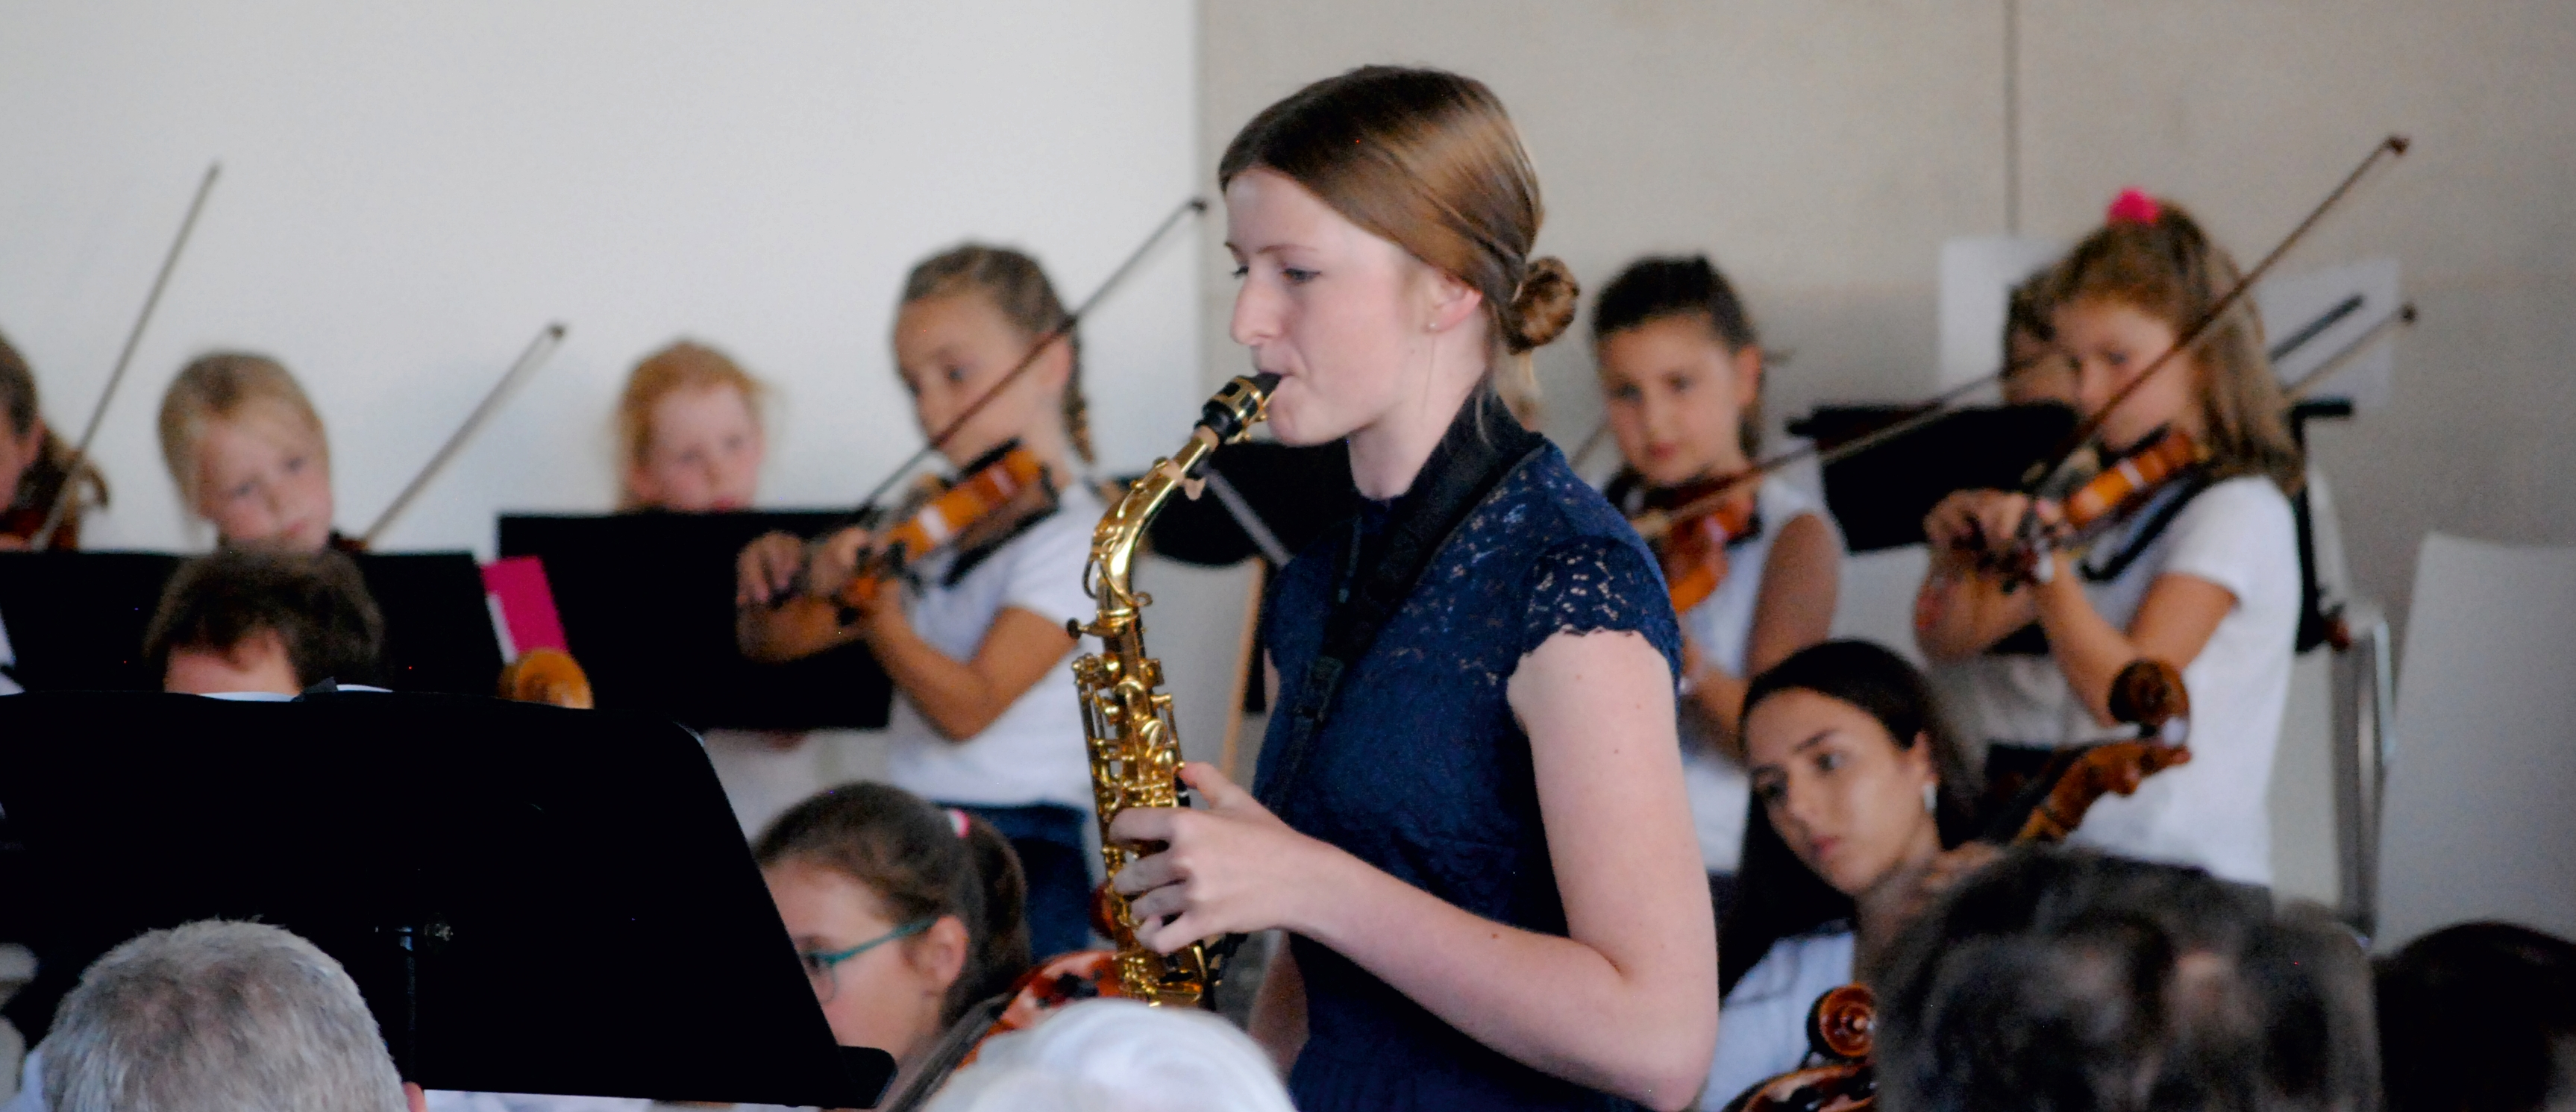 Musikschule Banner 4